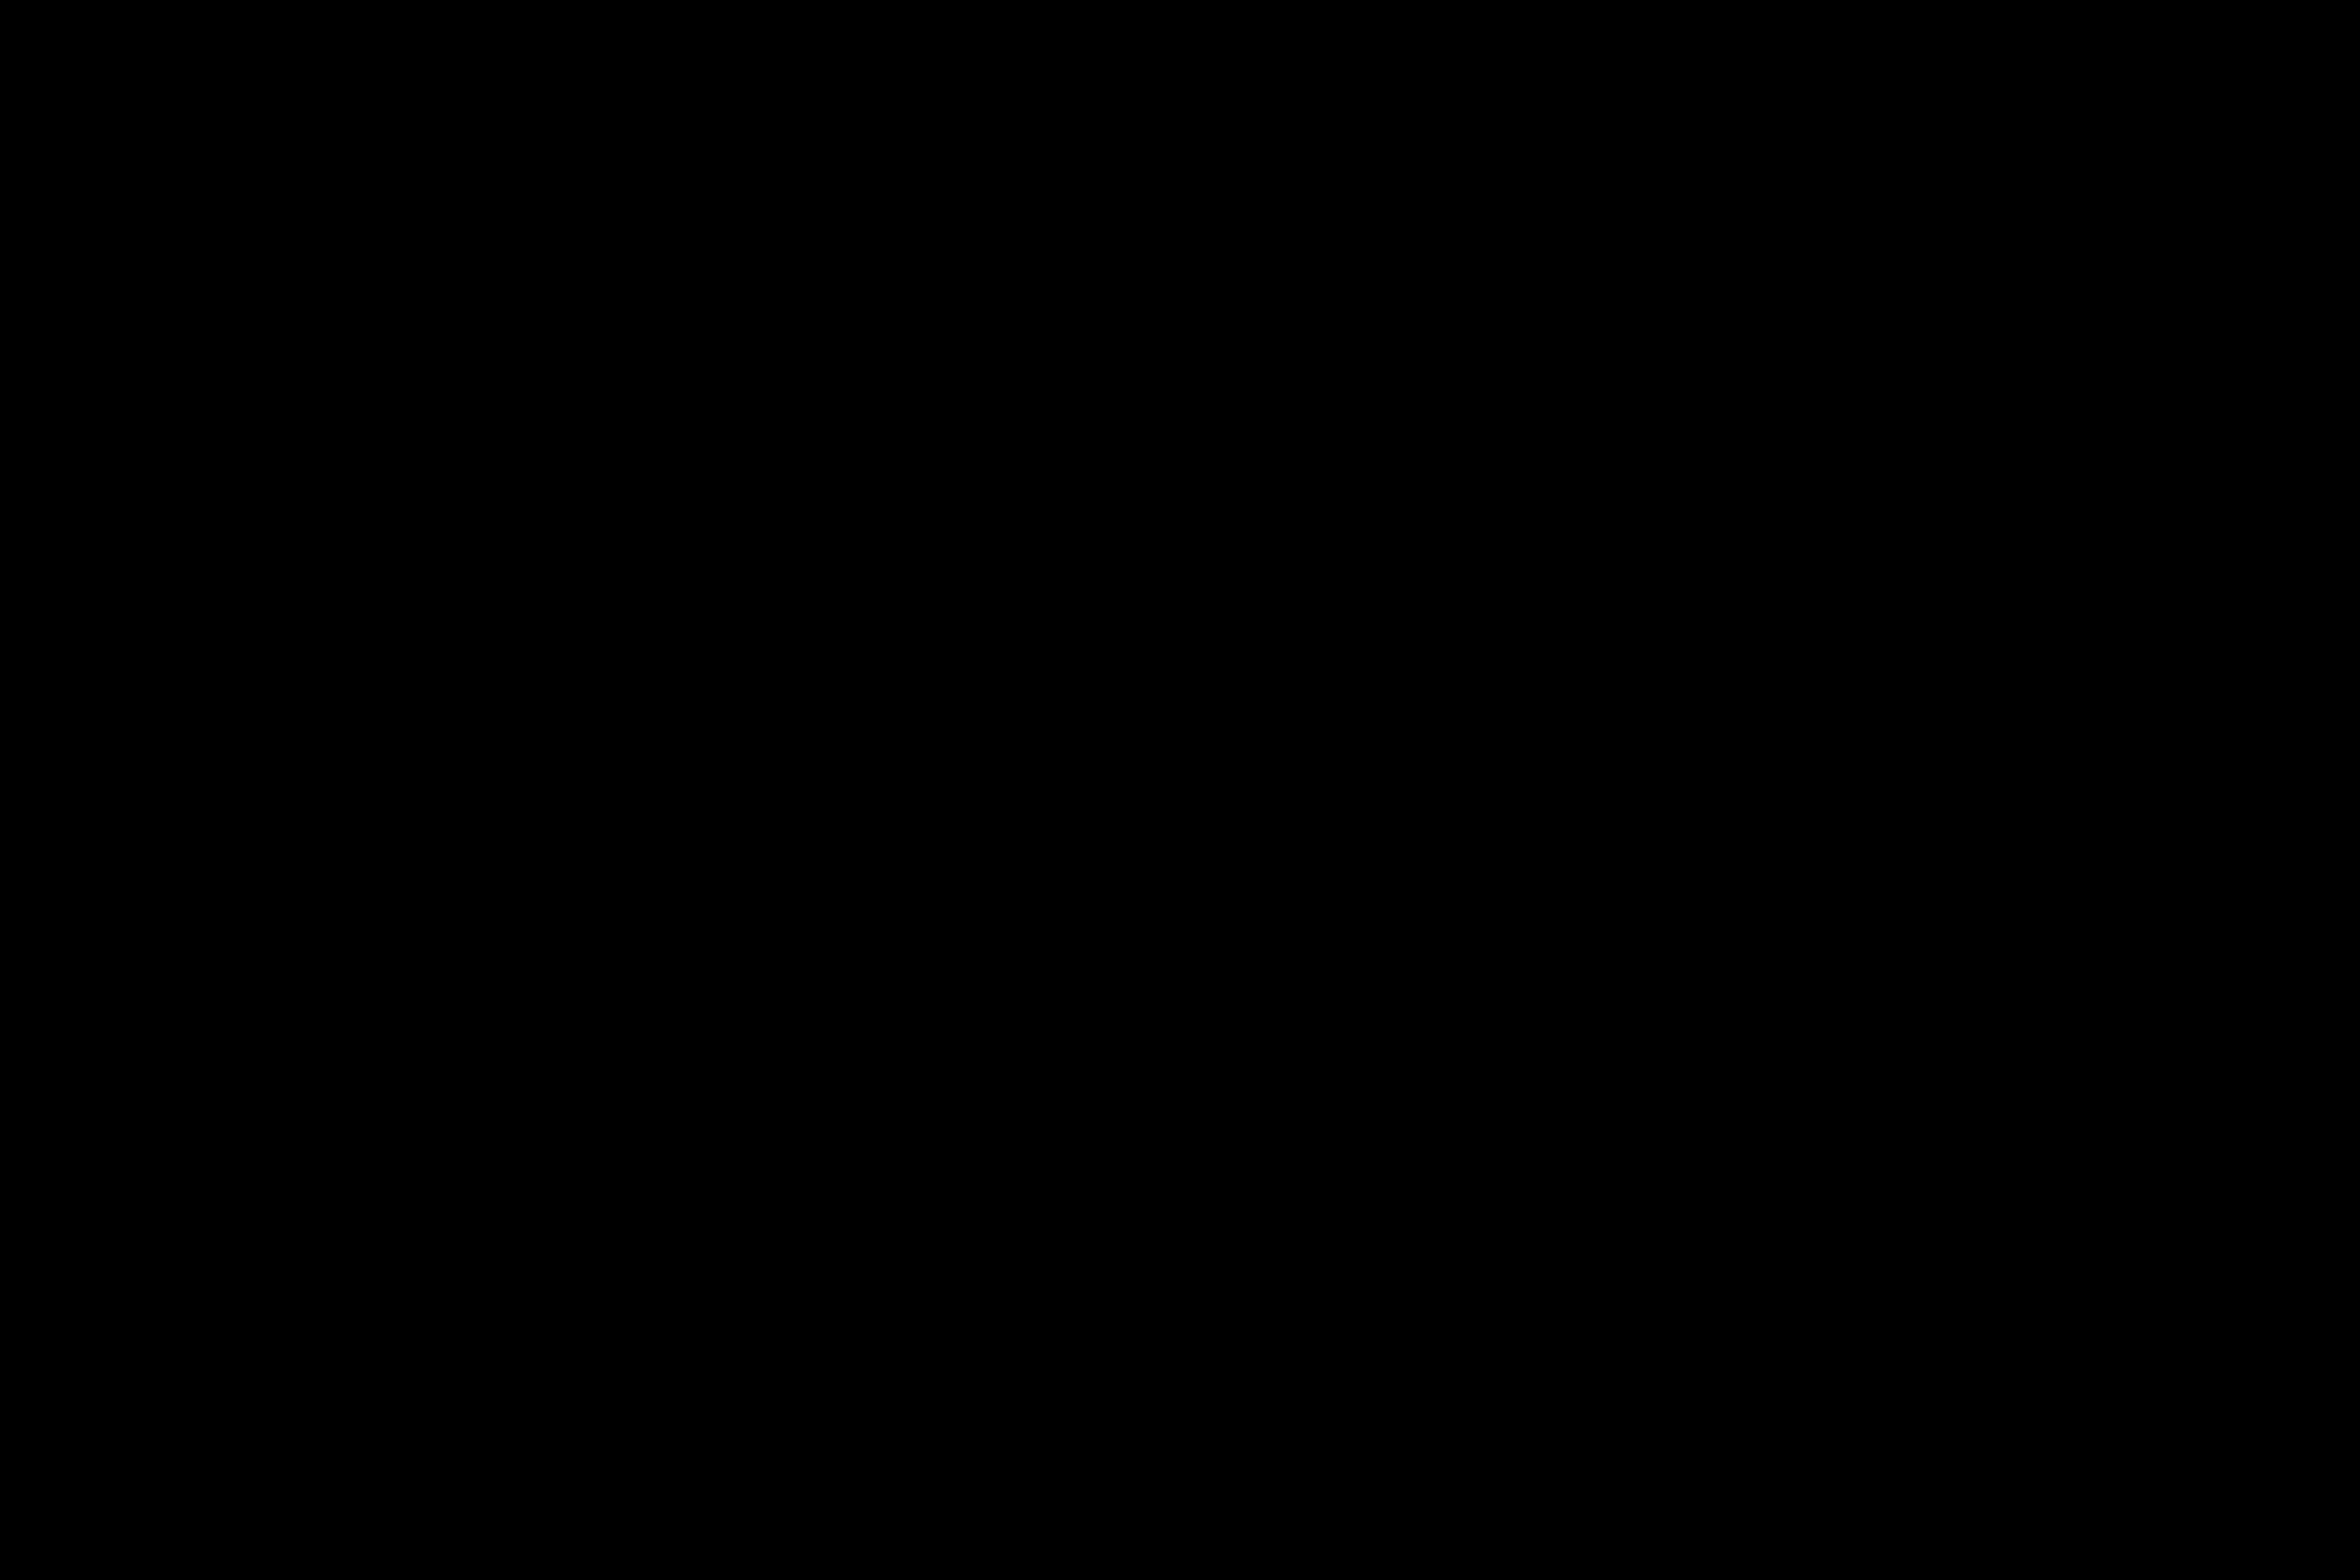 table basse tokyo double plateau l 150 cm noir maison sarah lavoine. Black Bedroom Furniture Sets. Home Design Ideas